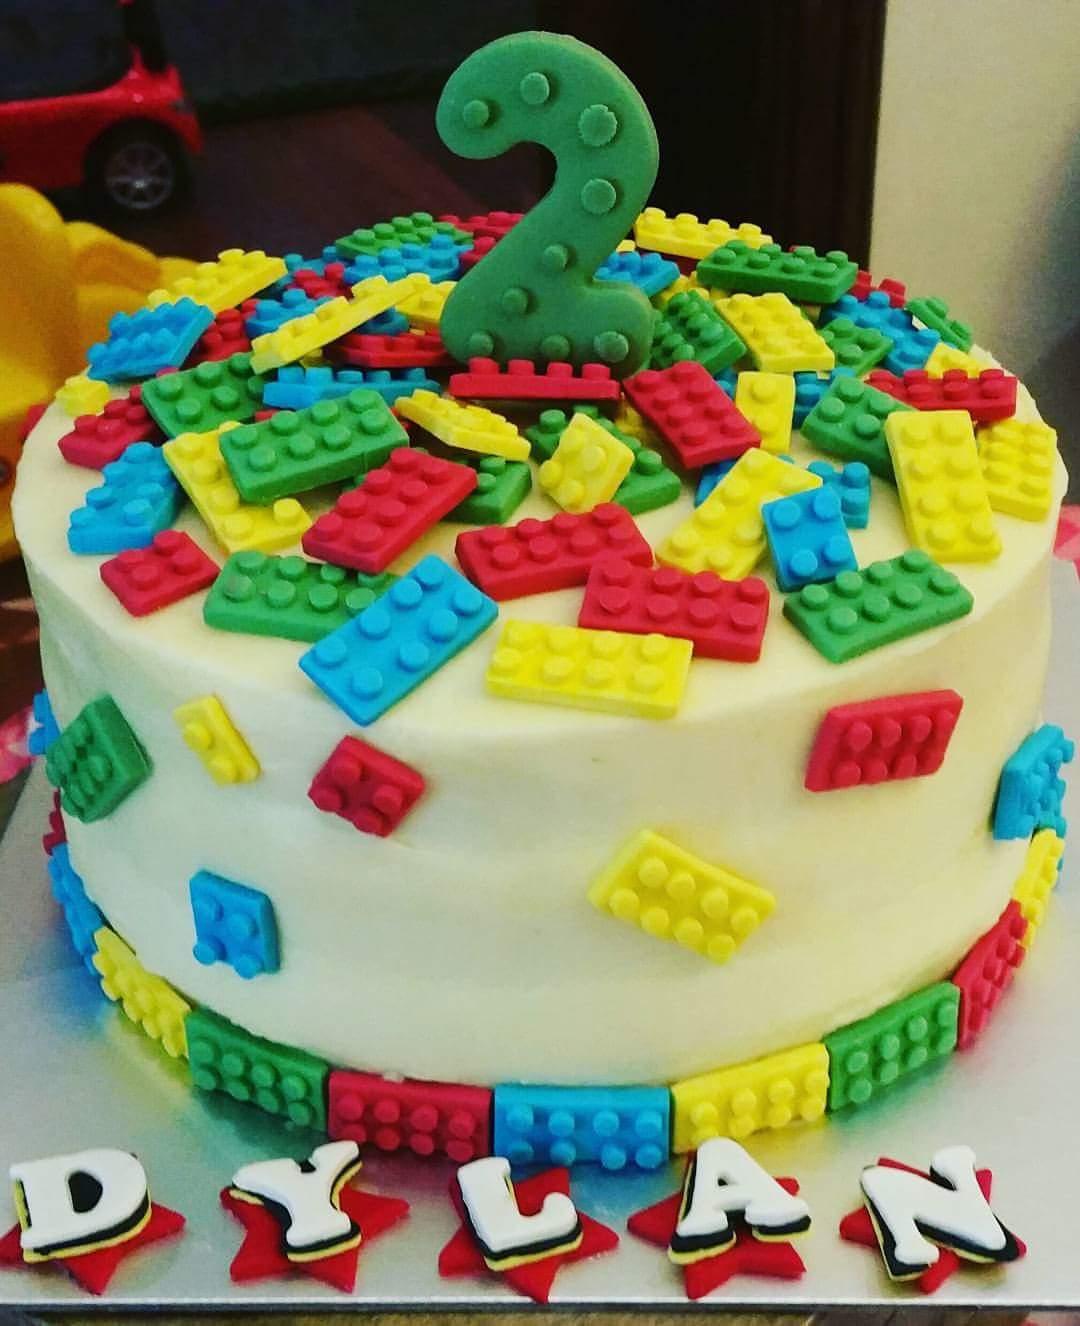 Kids Birthday Cakes Galore